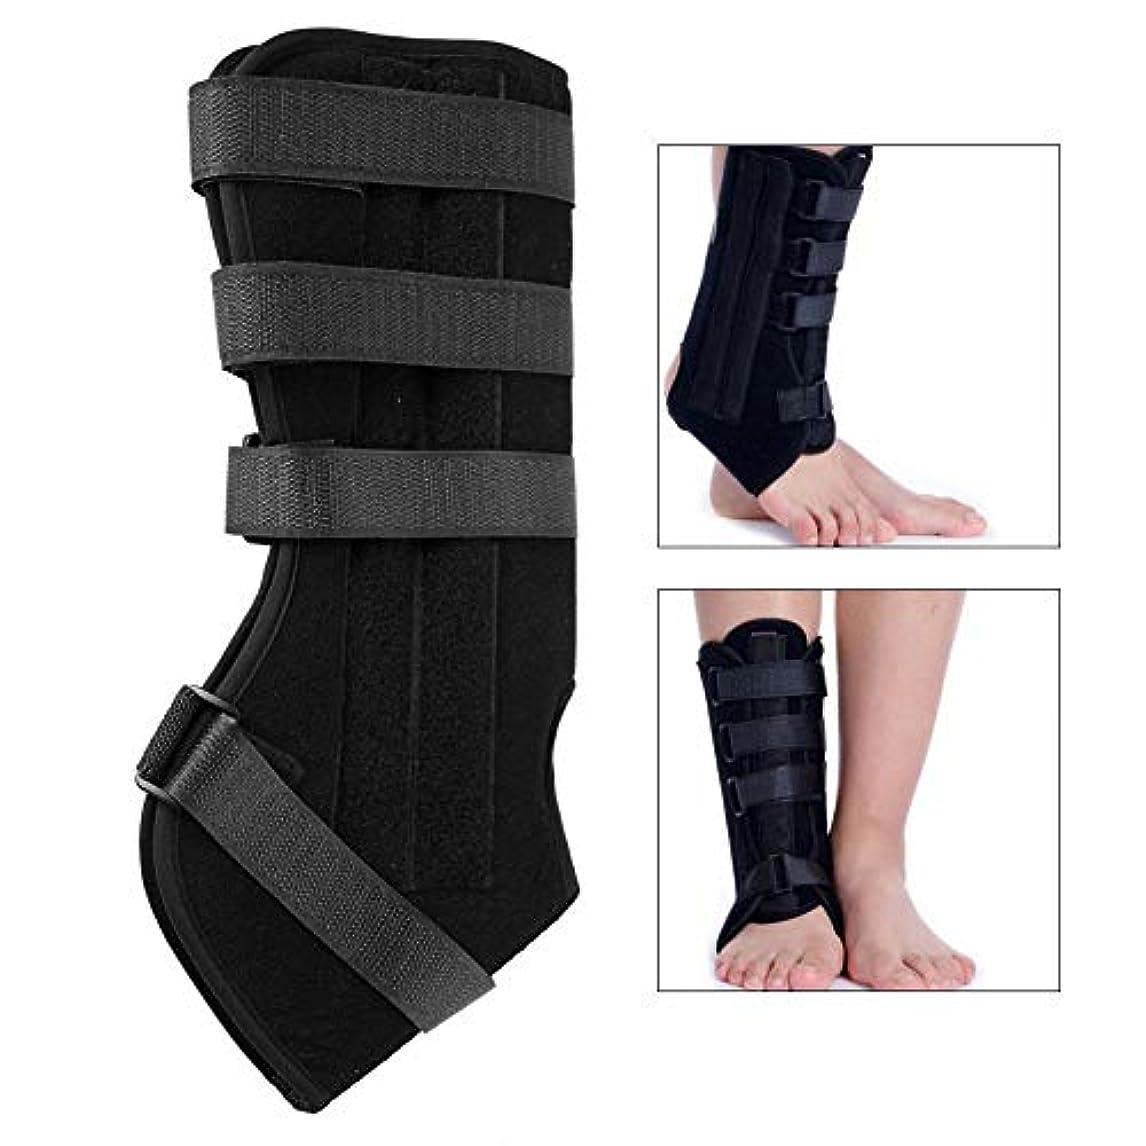 添加剤迷惑ゴール足首装具、足首関節外部固定骨折治療修正サポートツールブレースサポート腱矯正手術後,S